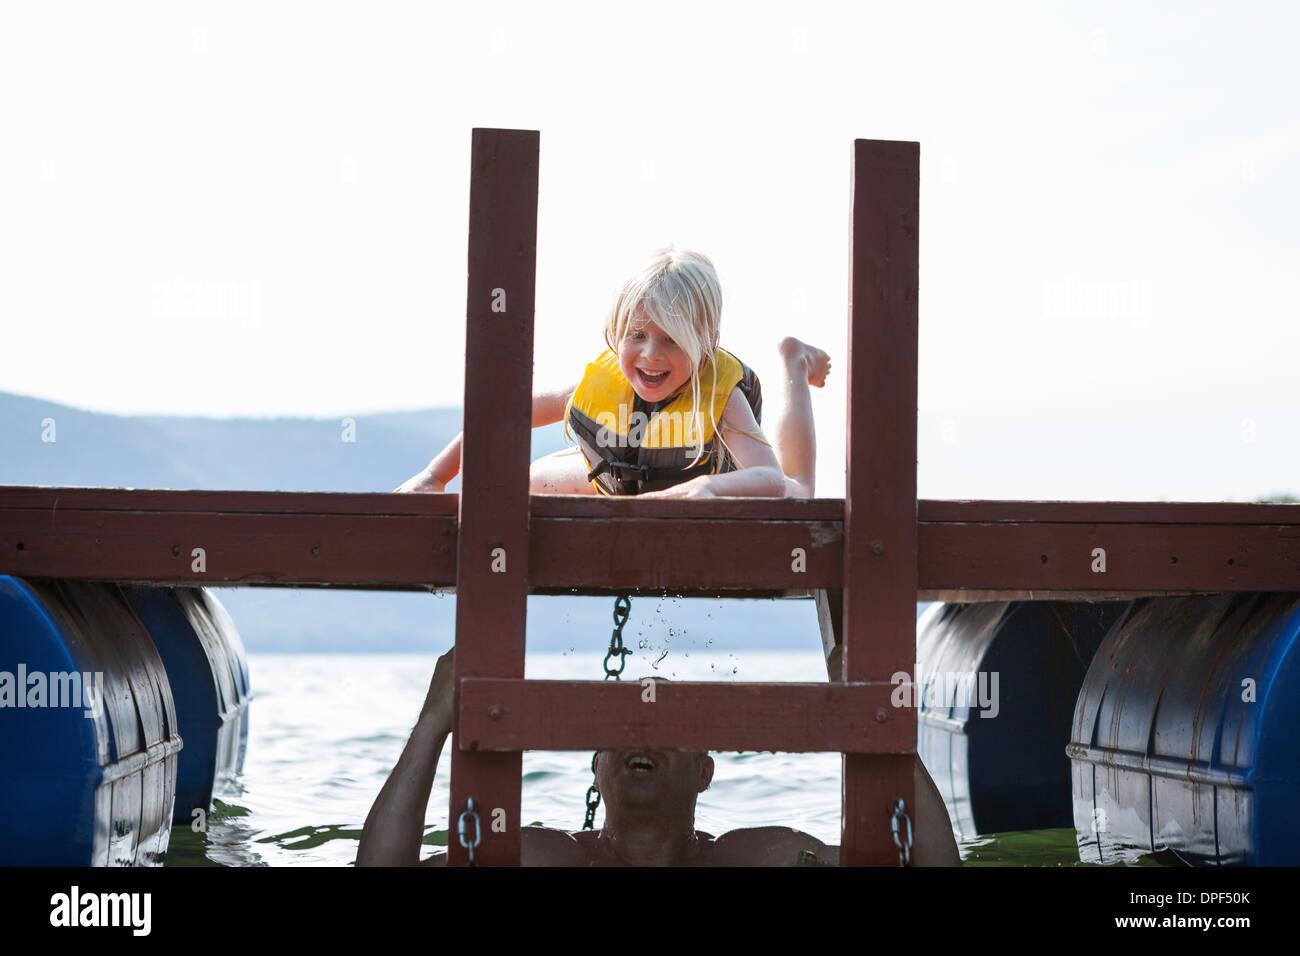 Père de se cacher dans le lac, du nourisson fille, Silver Bay, New York, USA Photo Stock